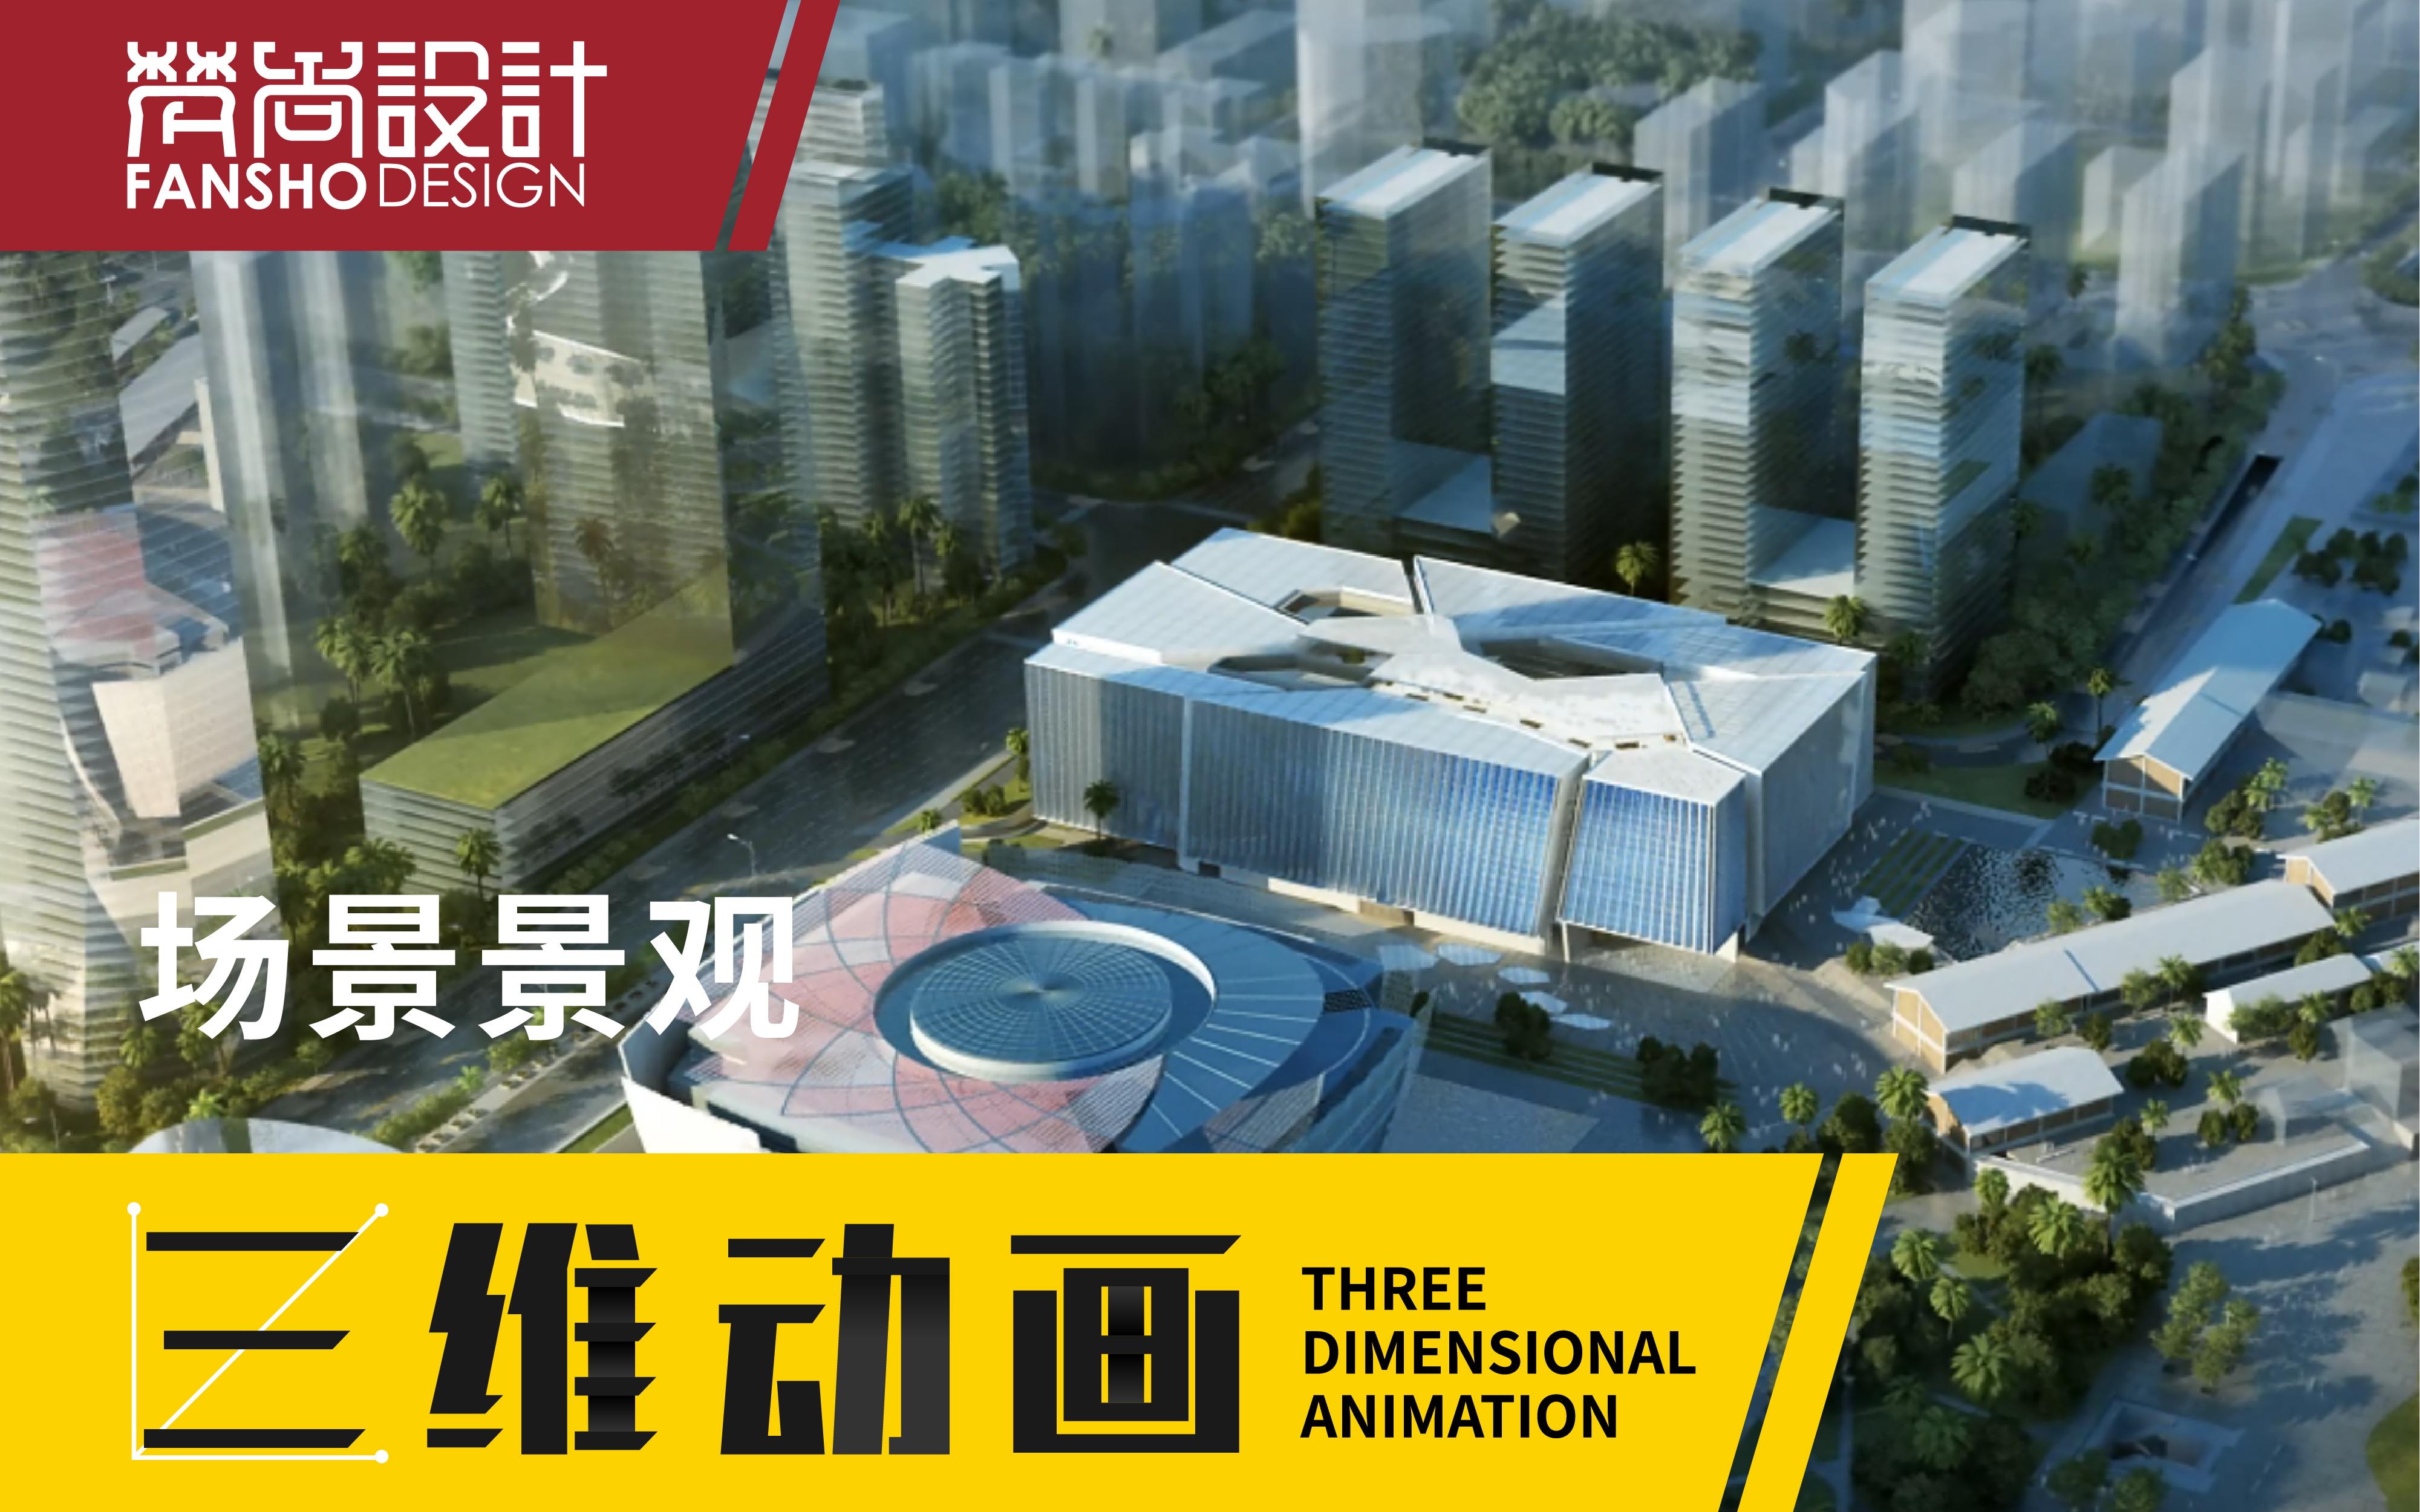 3D动画建筑漫游园区漫游景观特效三维动画宣传片3d建模设计